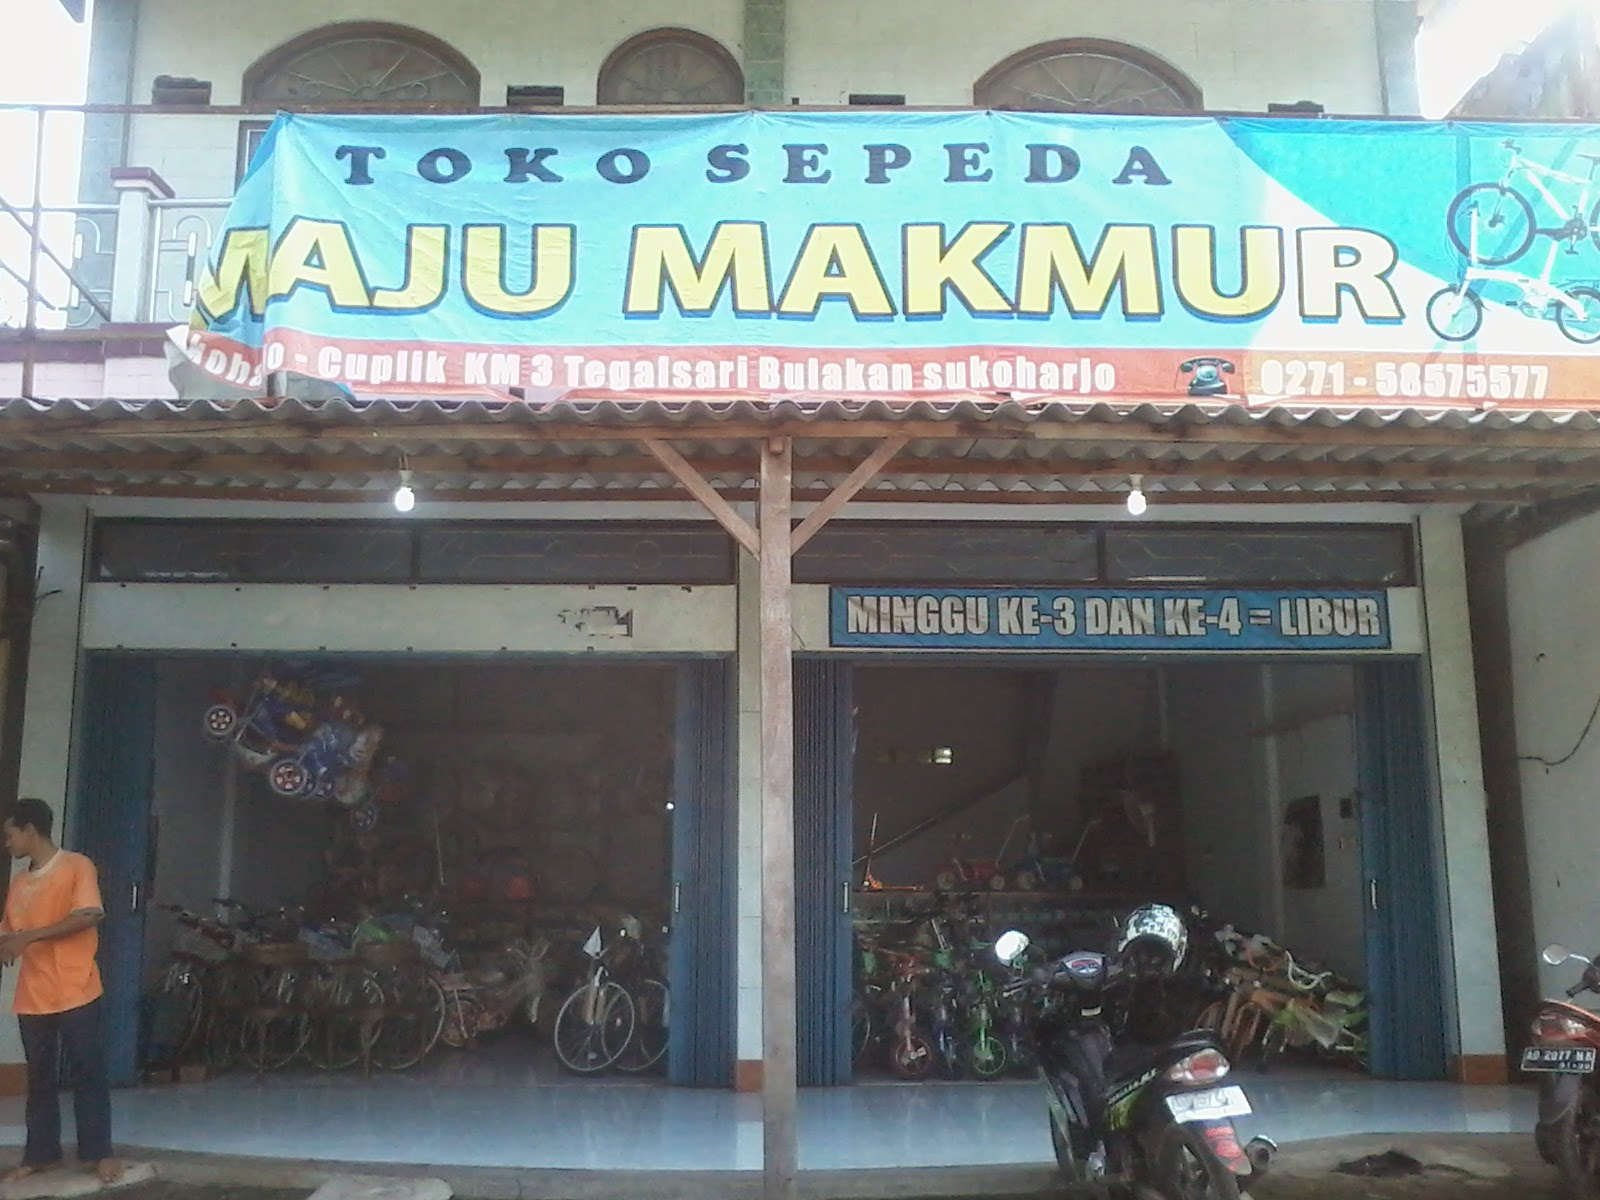 Toko sepeda murah di pasar cuplik Nugroho Bloger's